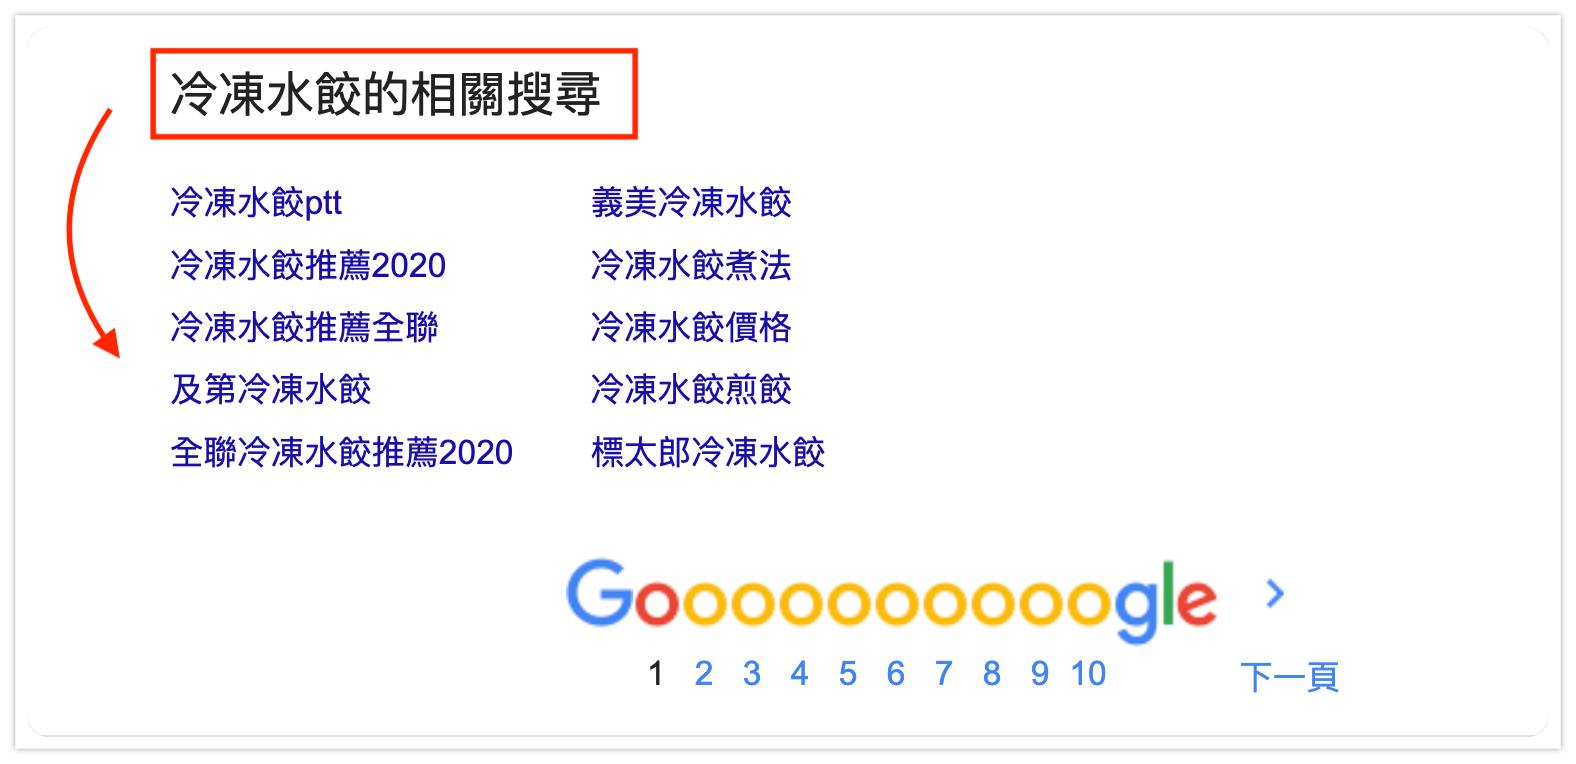 關鍵字研究: Google 搜尋最下方的「相關搜尋(Searches related to)」找靈感